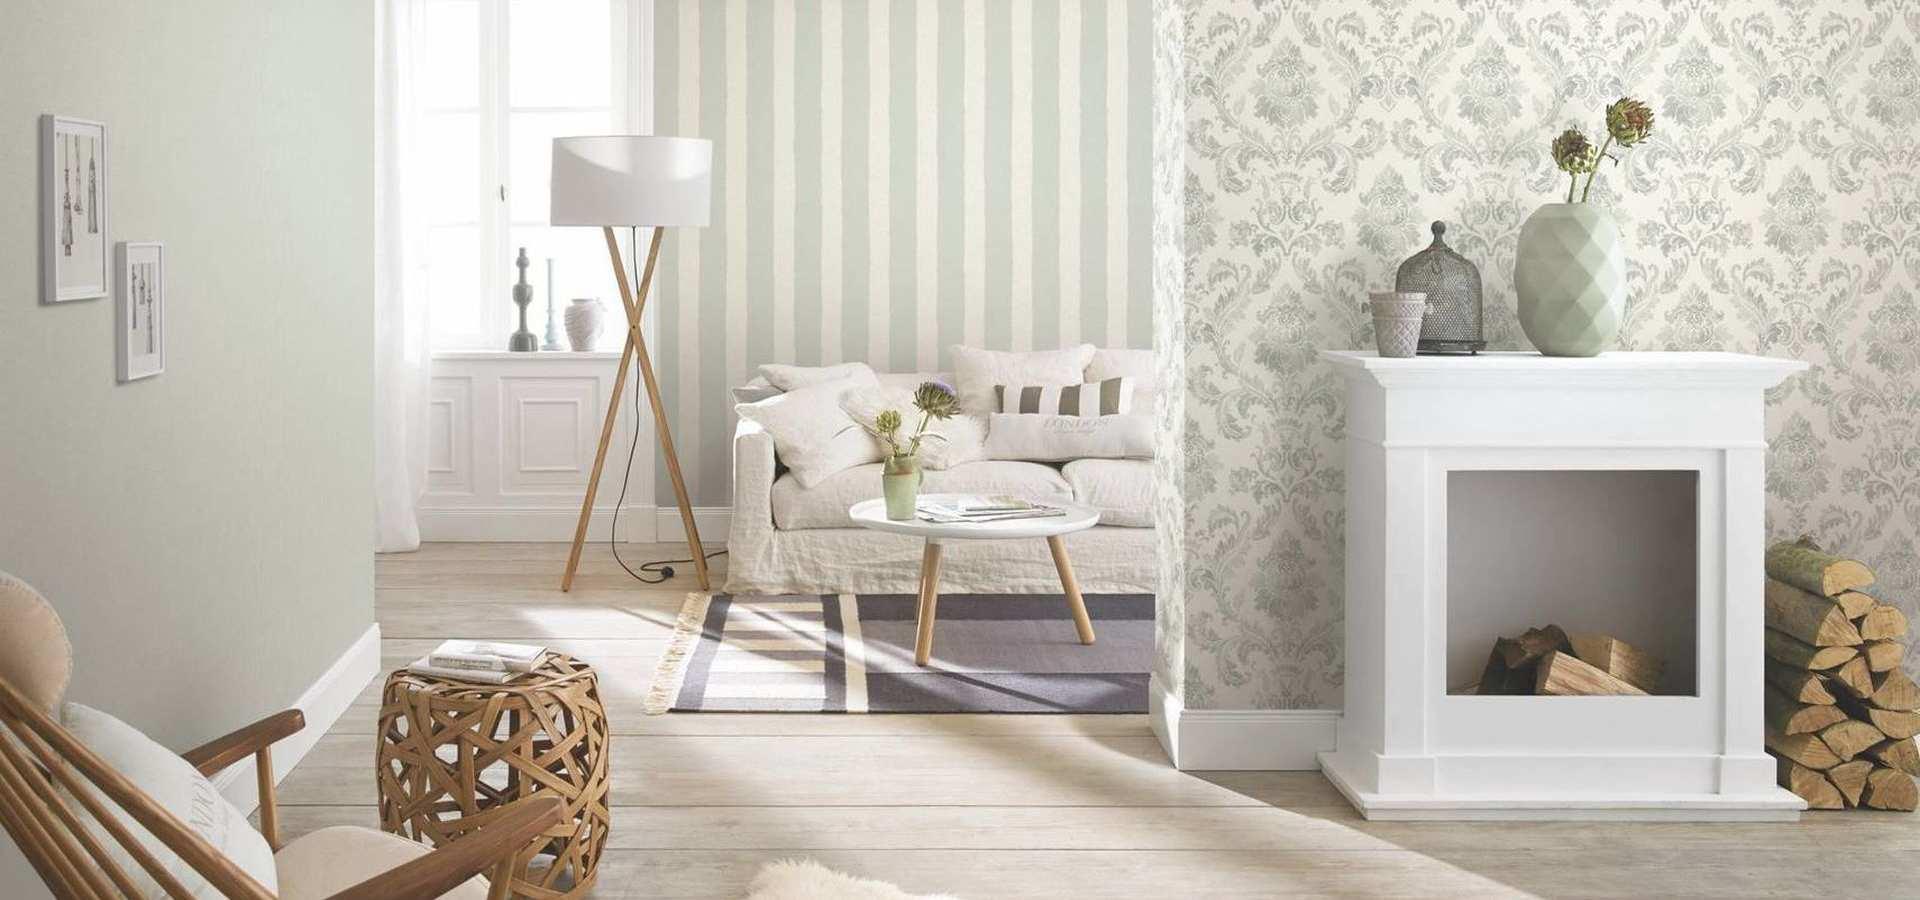 Bild Tapete Wohnzimmer klassisch weiß grün